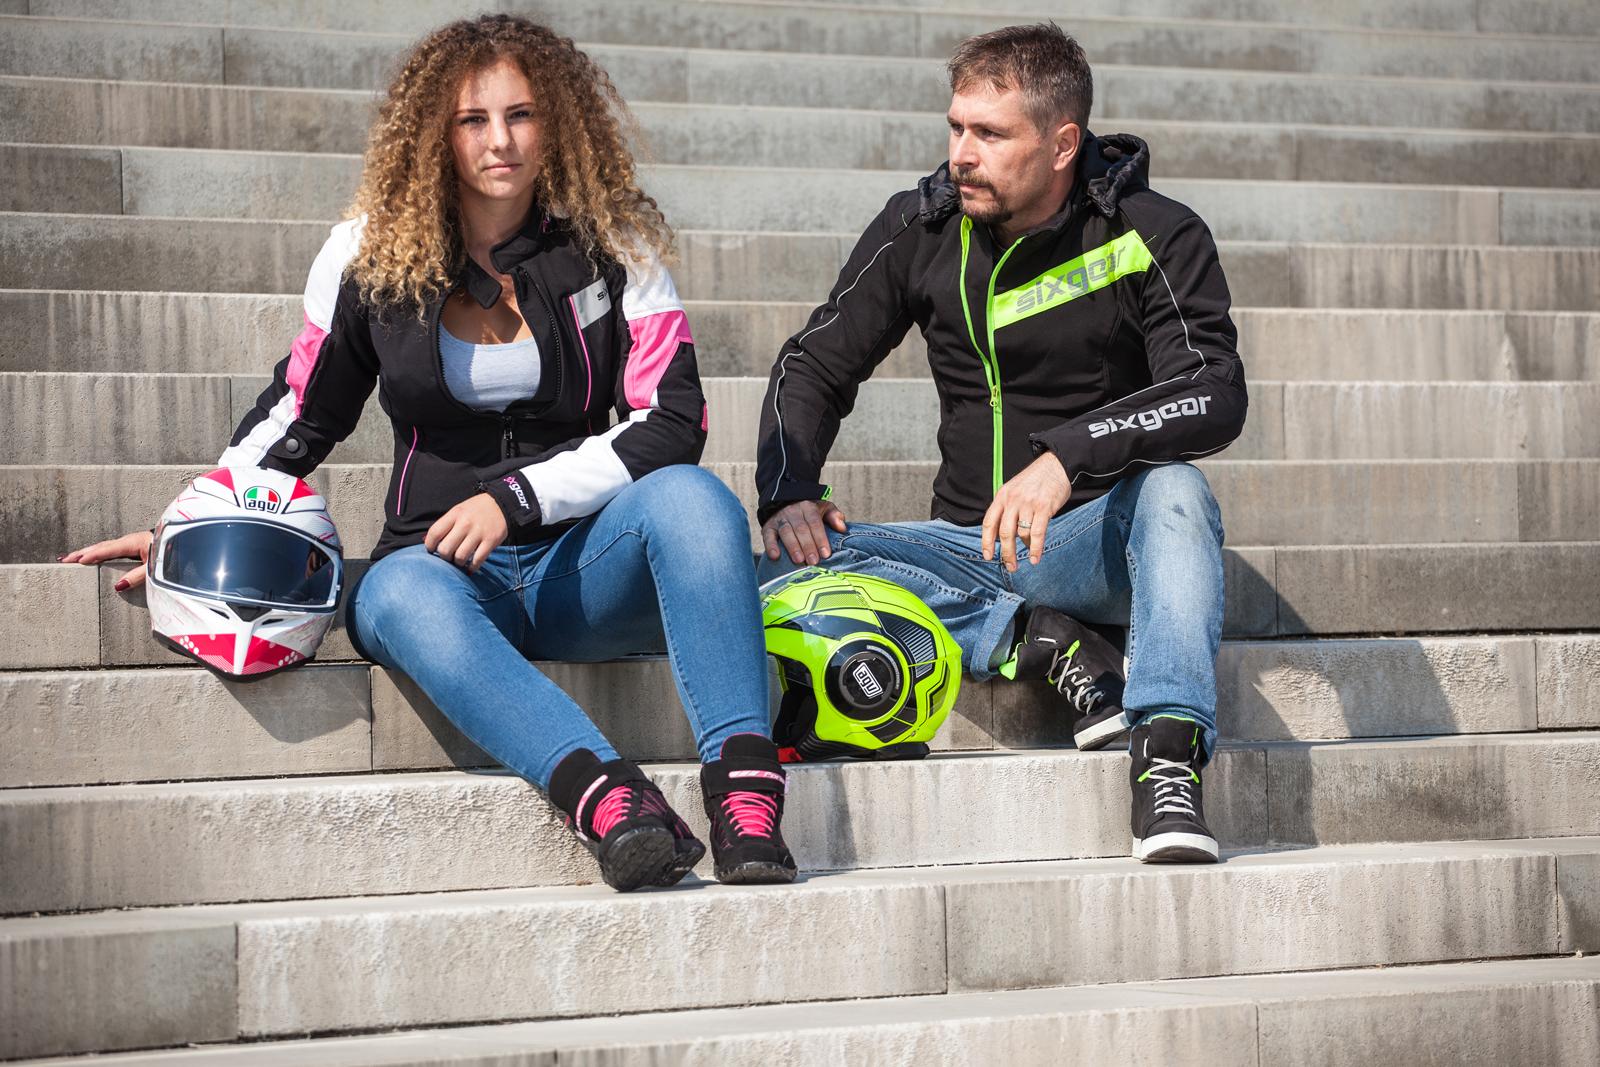 GALERIE FOTO Echipamente Moto Sixgear